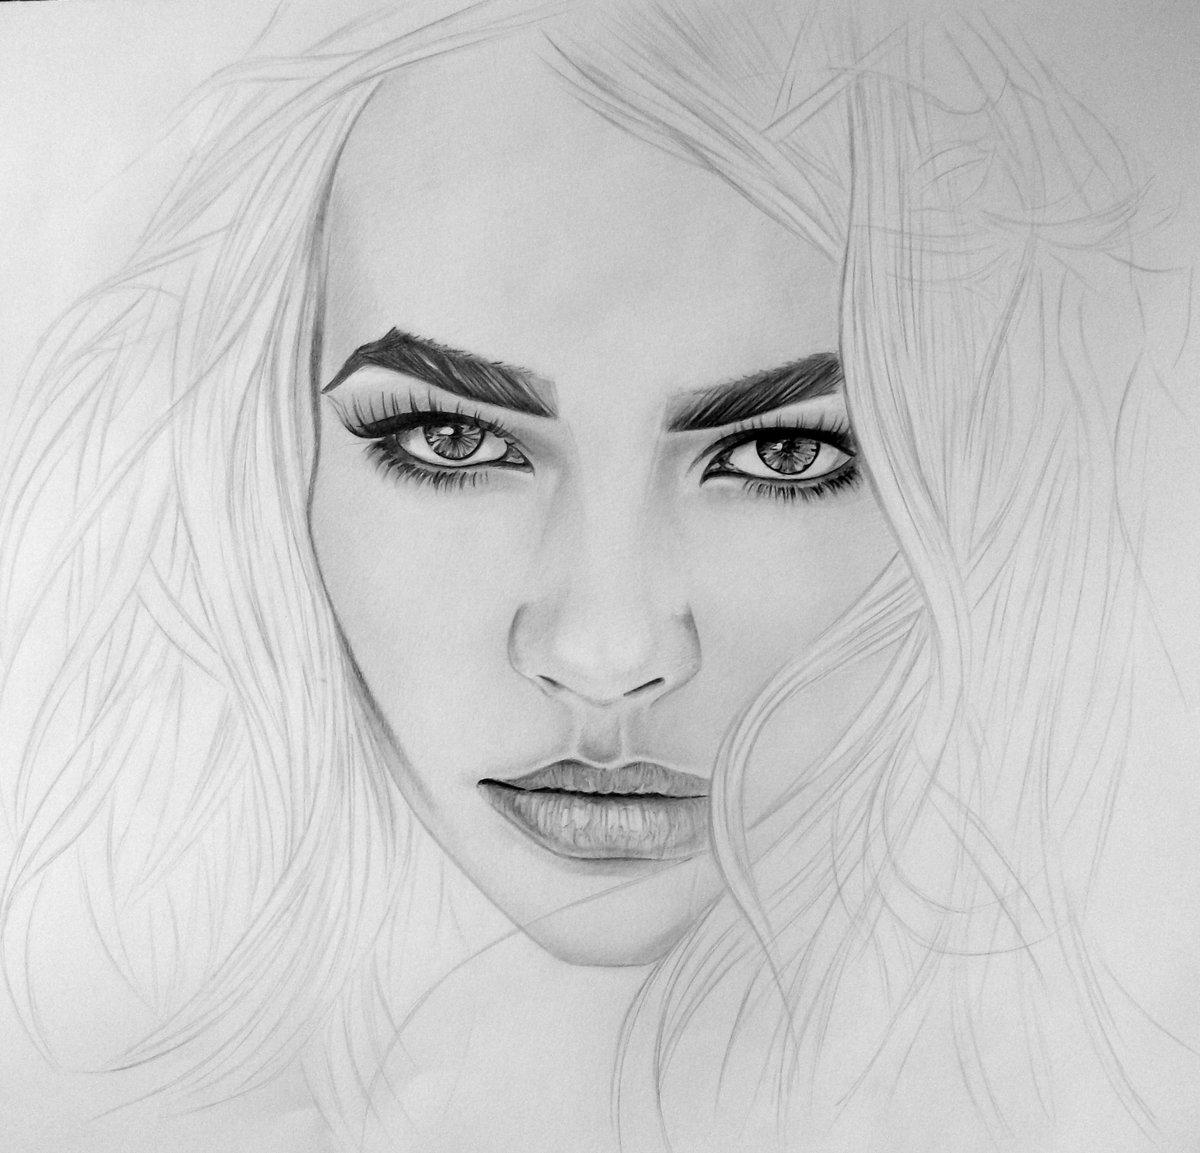 рисунки красивые рисунки красивые рисунки увлекающийся, живо интересующийся